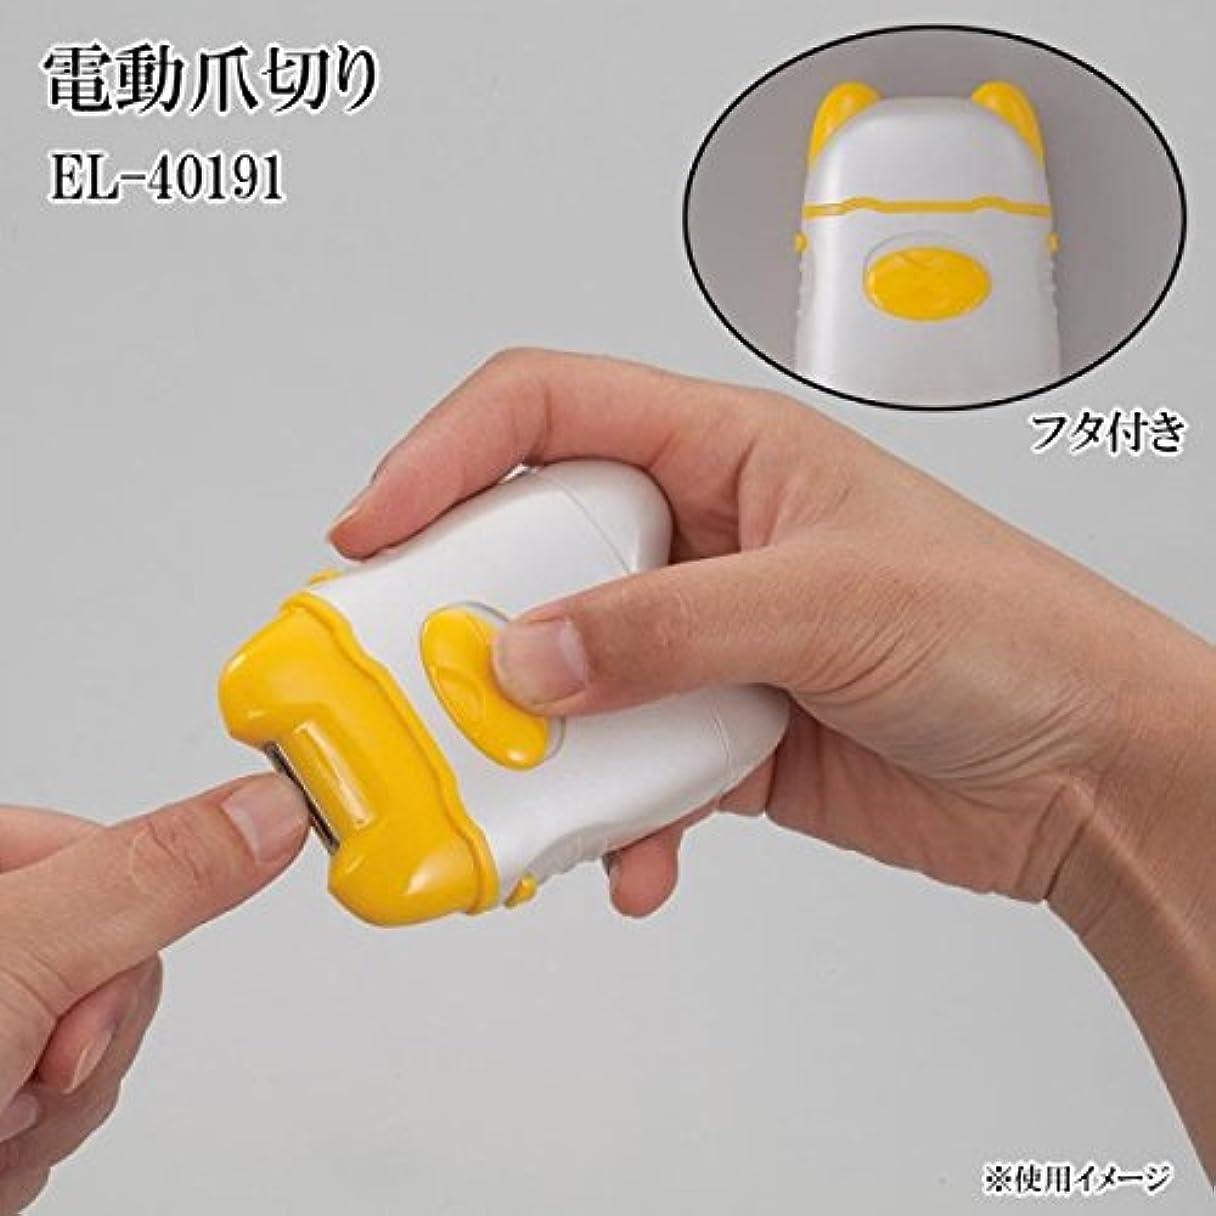 心理的に本物見える電動爪切り EL-40191 【人気 おすすめ 】